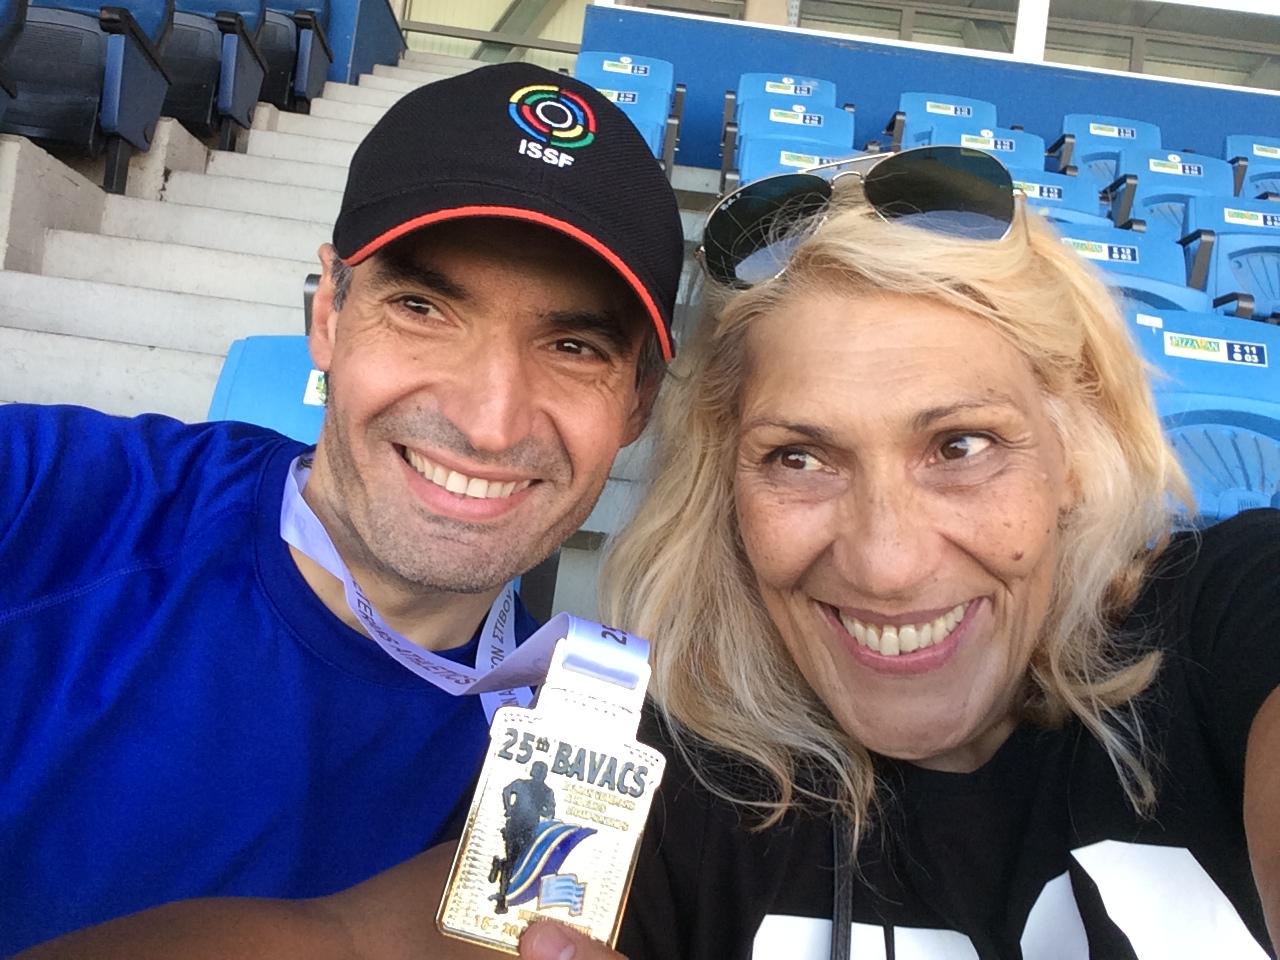 Νίκος Μιχαλόπουλος Χρυσό μετάλλιο Ακόντιο Βαλκανικοί Αγώνες 2015